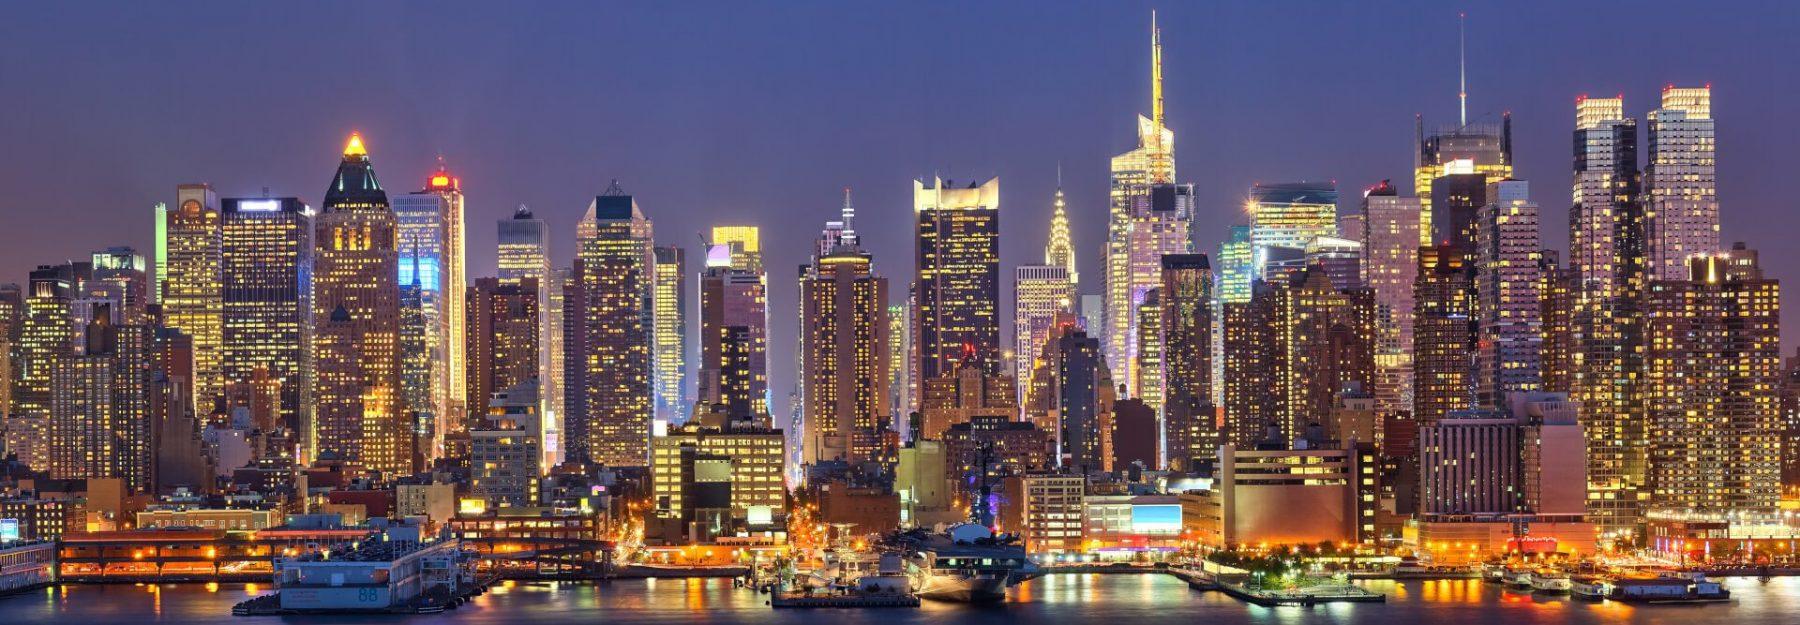 viaggio a new york con alidays tutte le sfaccettature